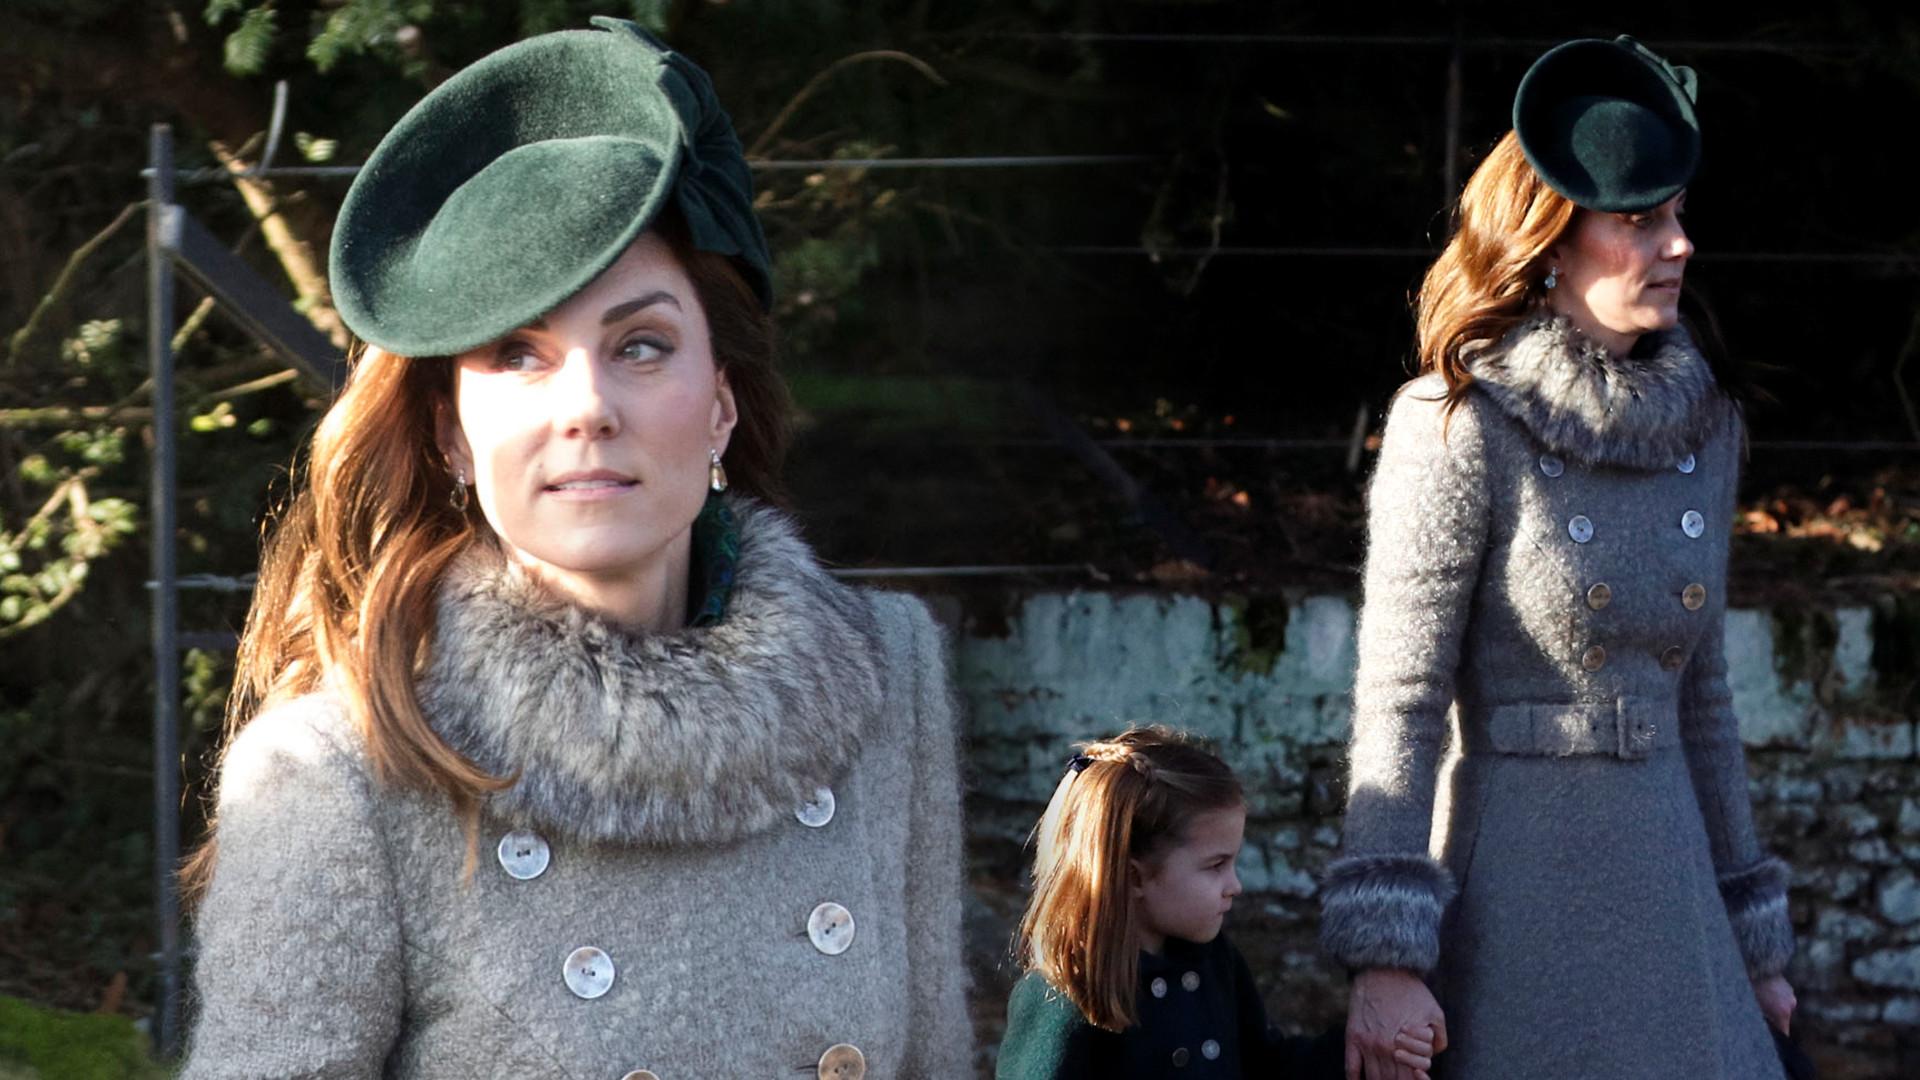 Księżna Kate bardzo ŻAŁOWAŁA, że założyła ten strój w zeszłoroczne święta